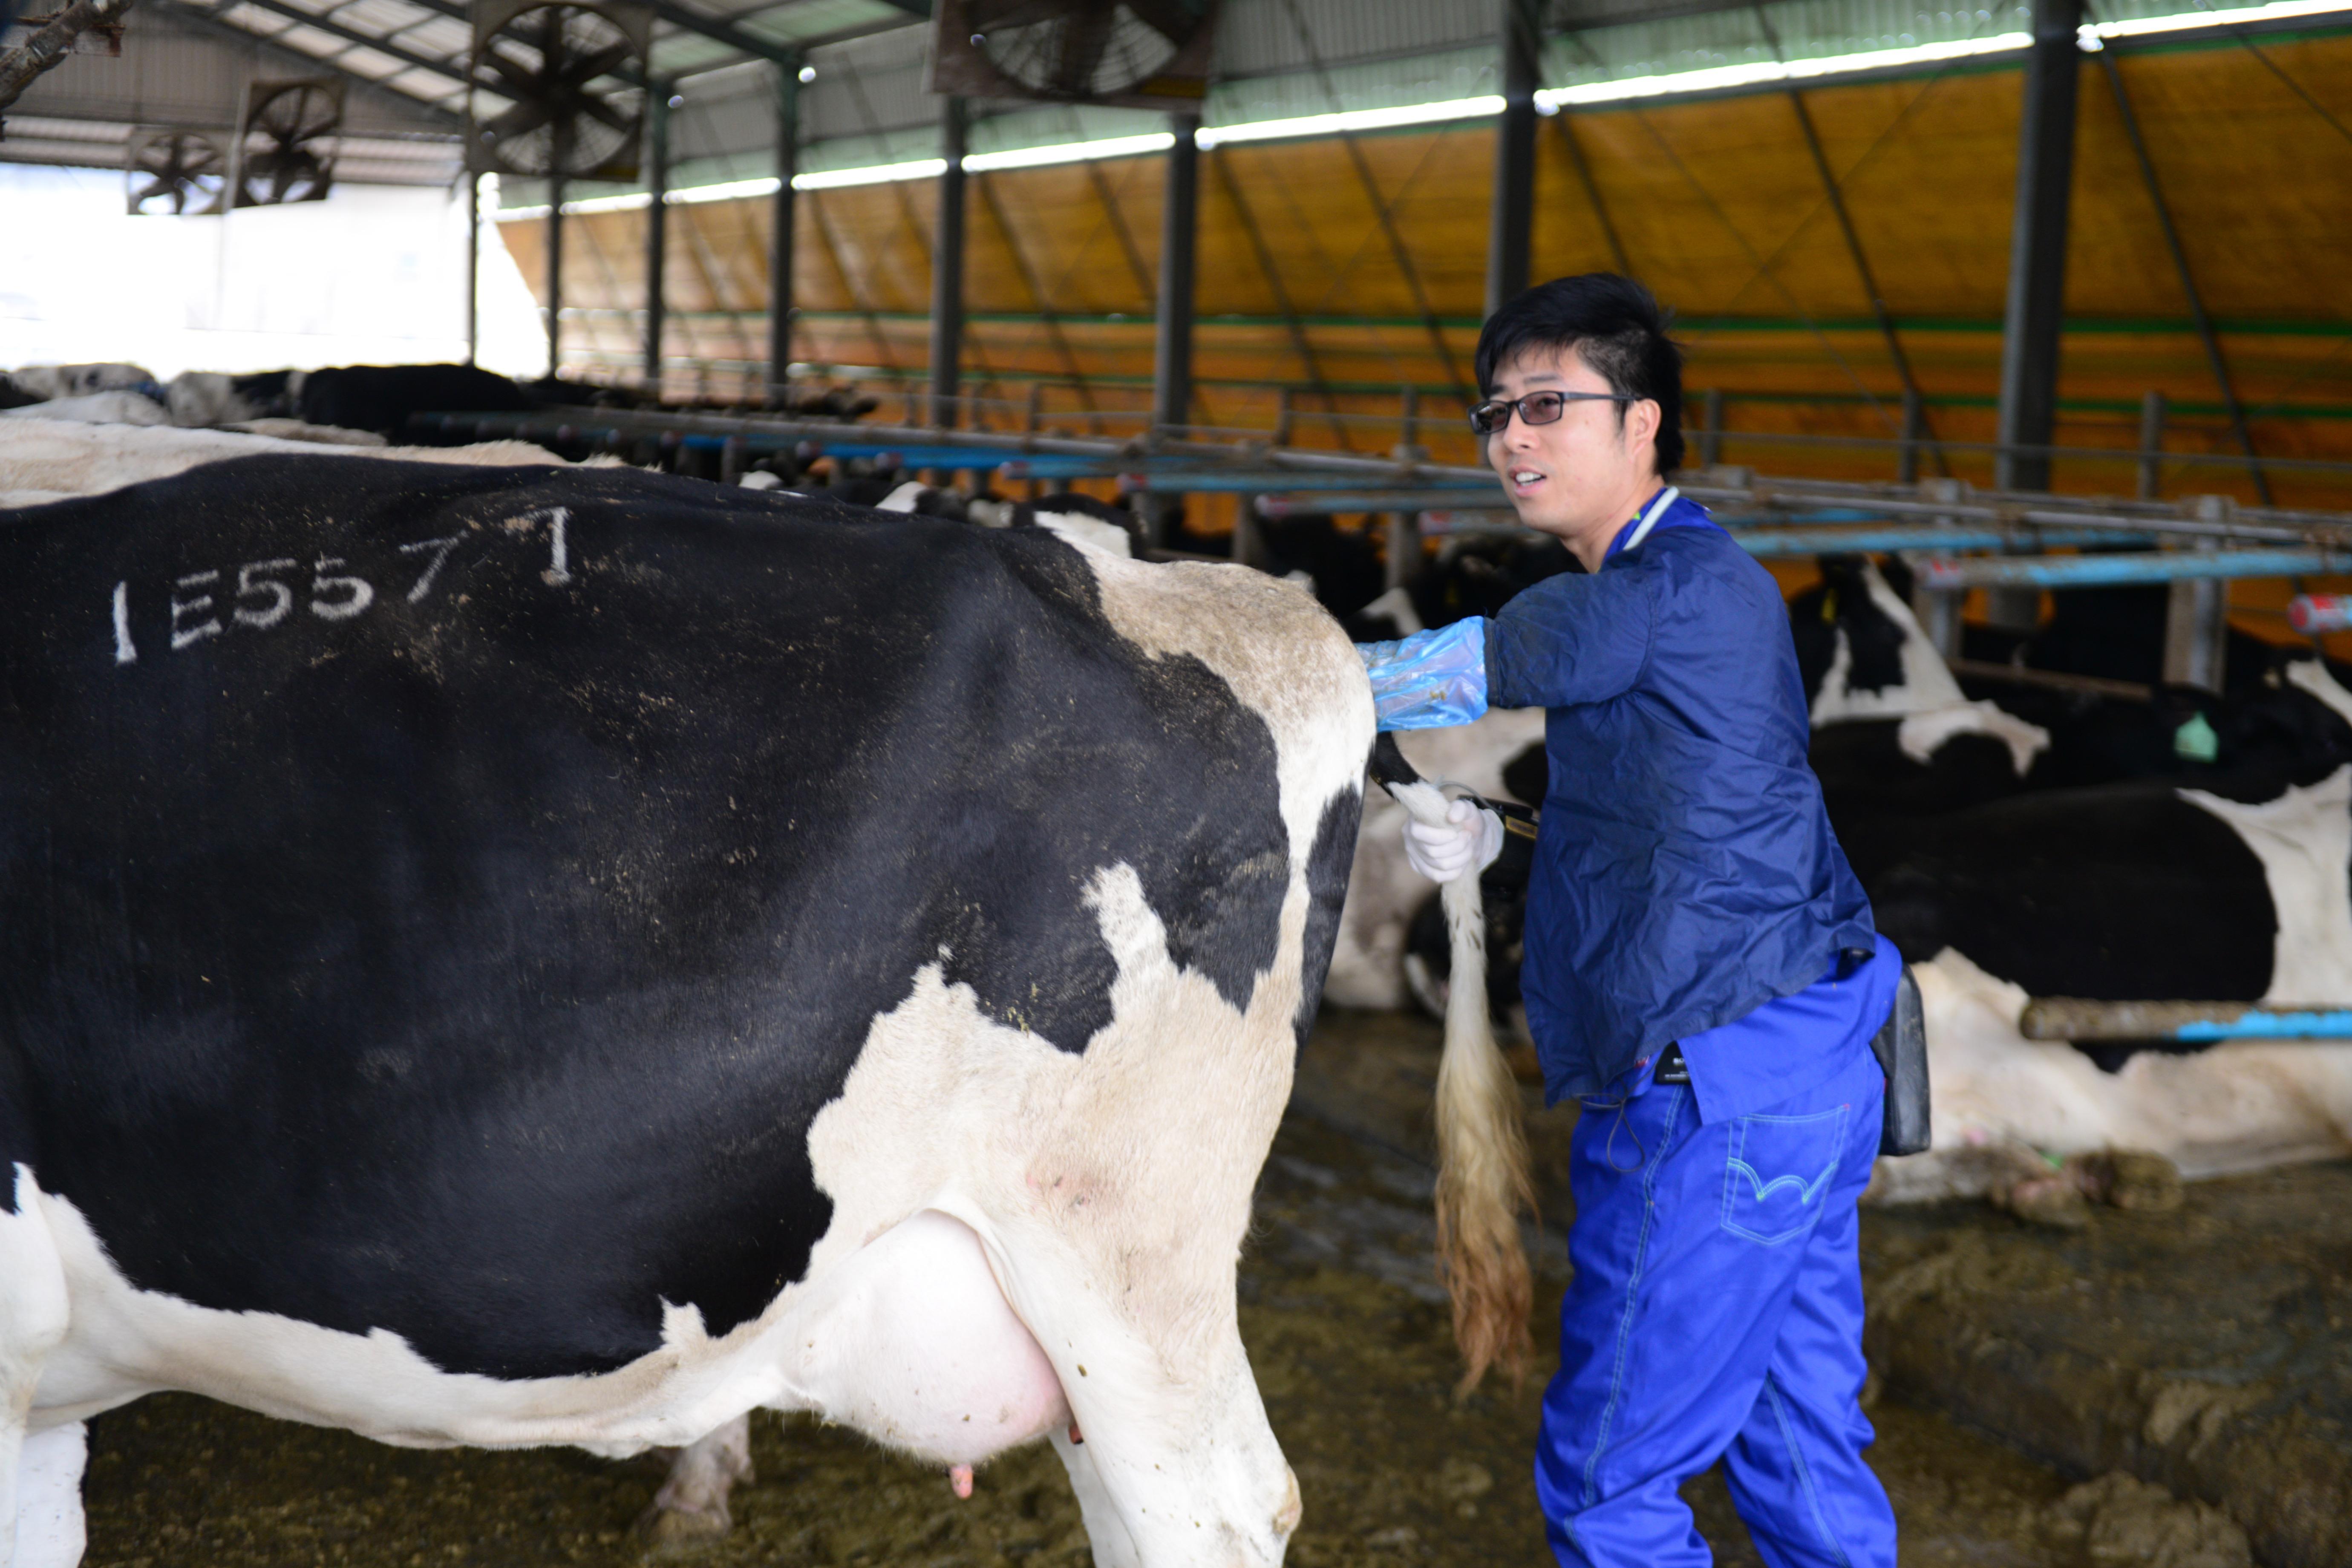 獸醫師龔建嘉在牧場細心呵護乳牛,並創立大動物獸醫培育基金。圖片來源/龔建嘉